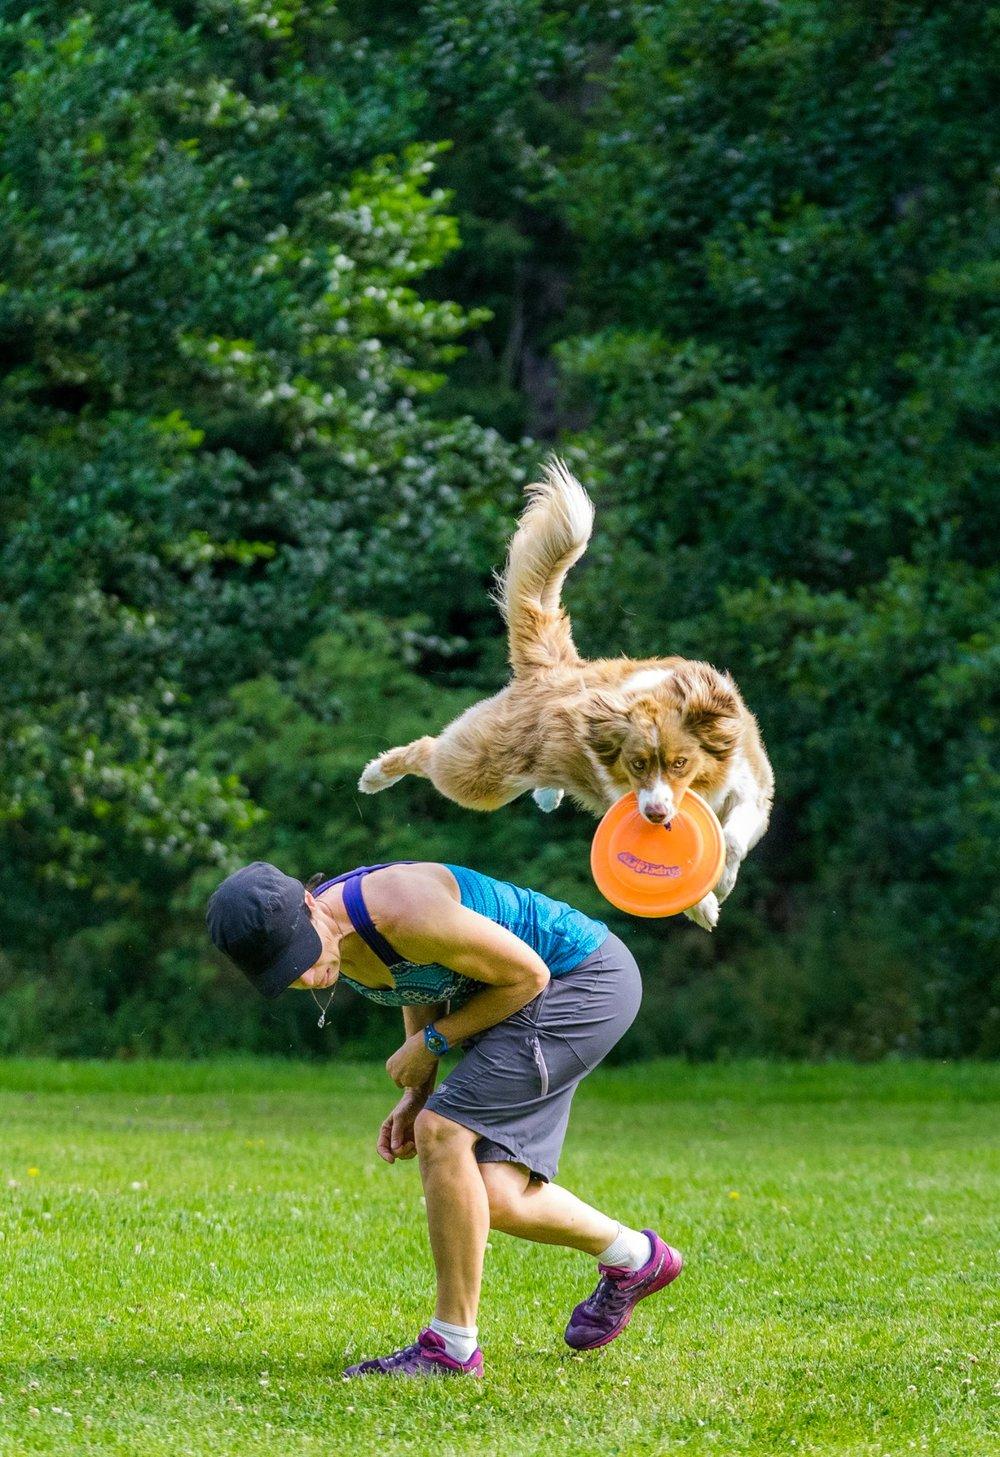 muzo-lyon-chien-frisbee-big-over-berger-australien-2.jpg